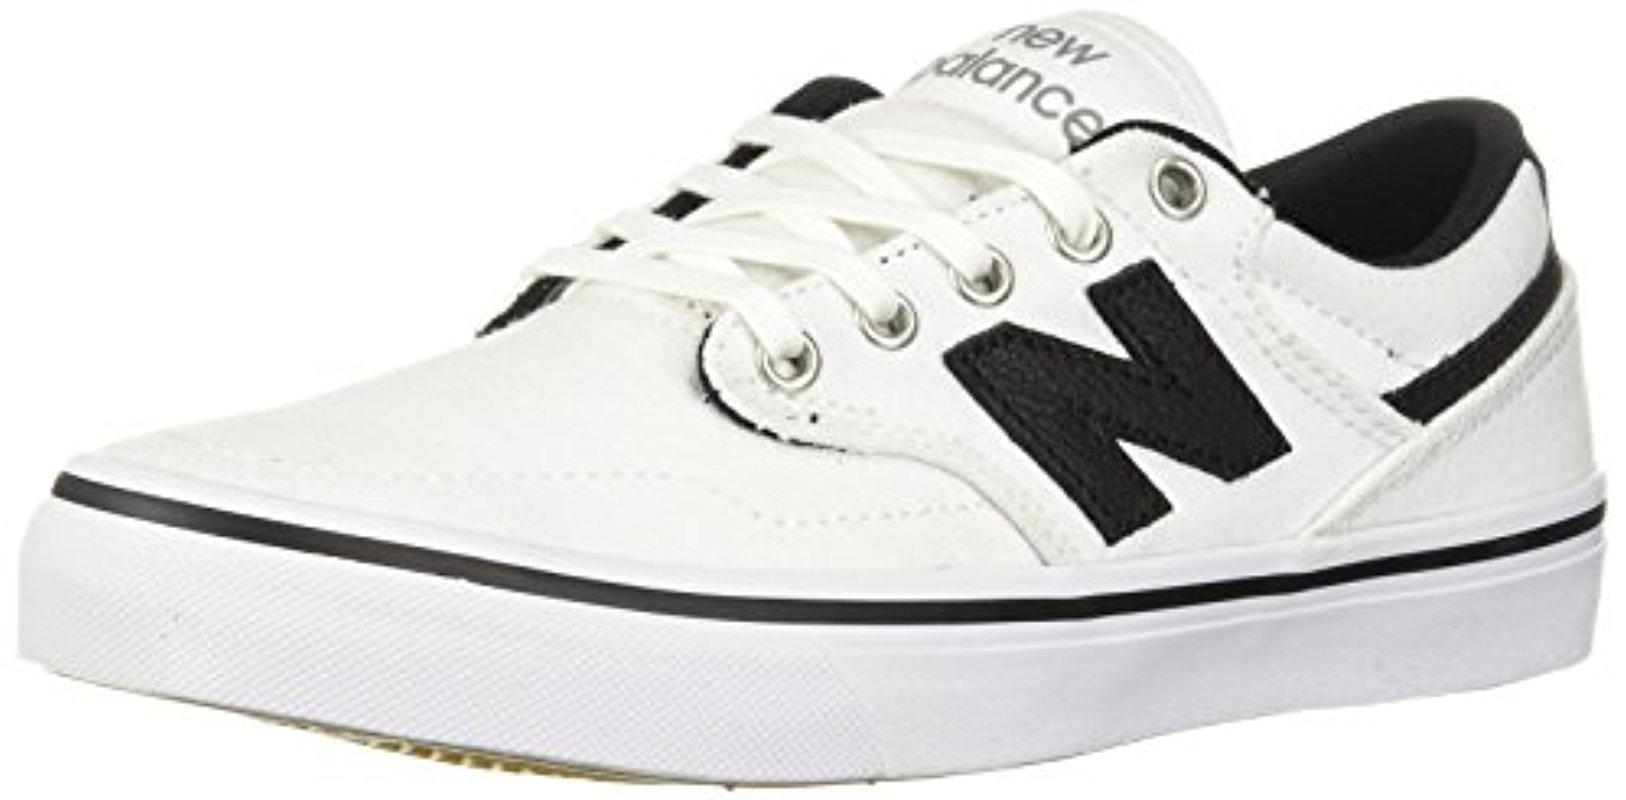 Coasts 331 V1 Sneaker in White